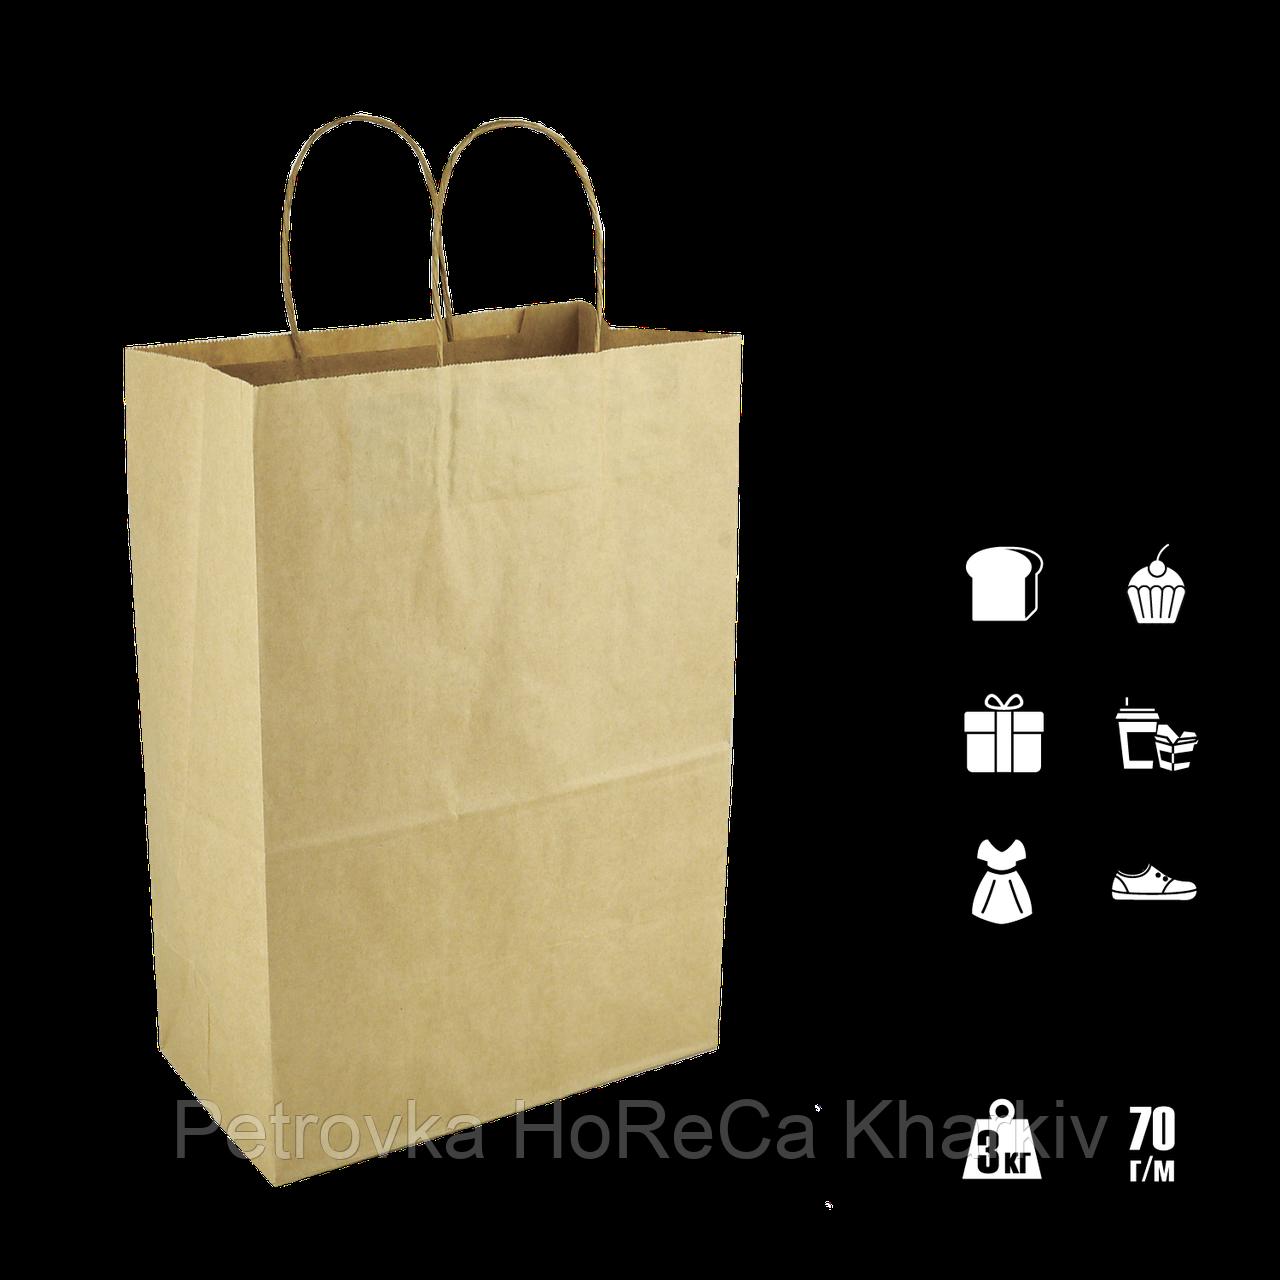 Паперовий пакет крафтовый з крученими ручками 180*85*220мм (Ш. Р. В) Пл 70г Нагр 3кг (687)